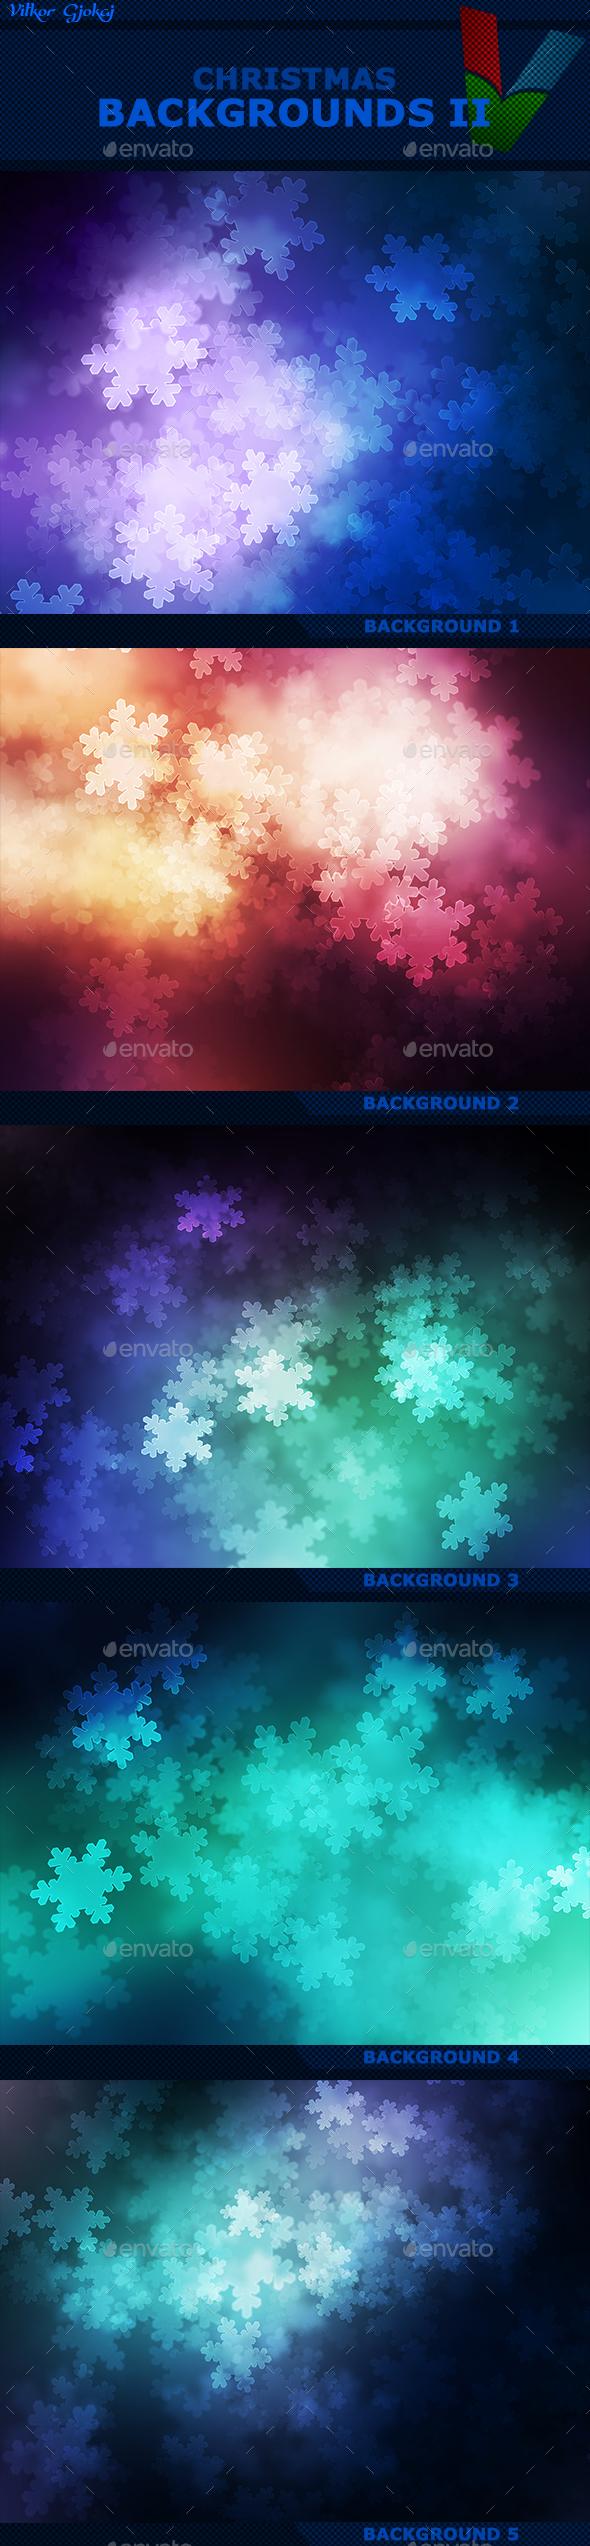 Christmas Backgrounds II - Abstract Backgrounds